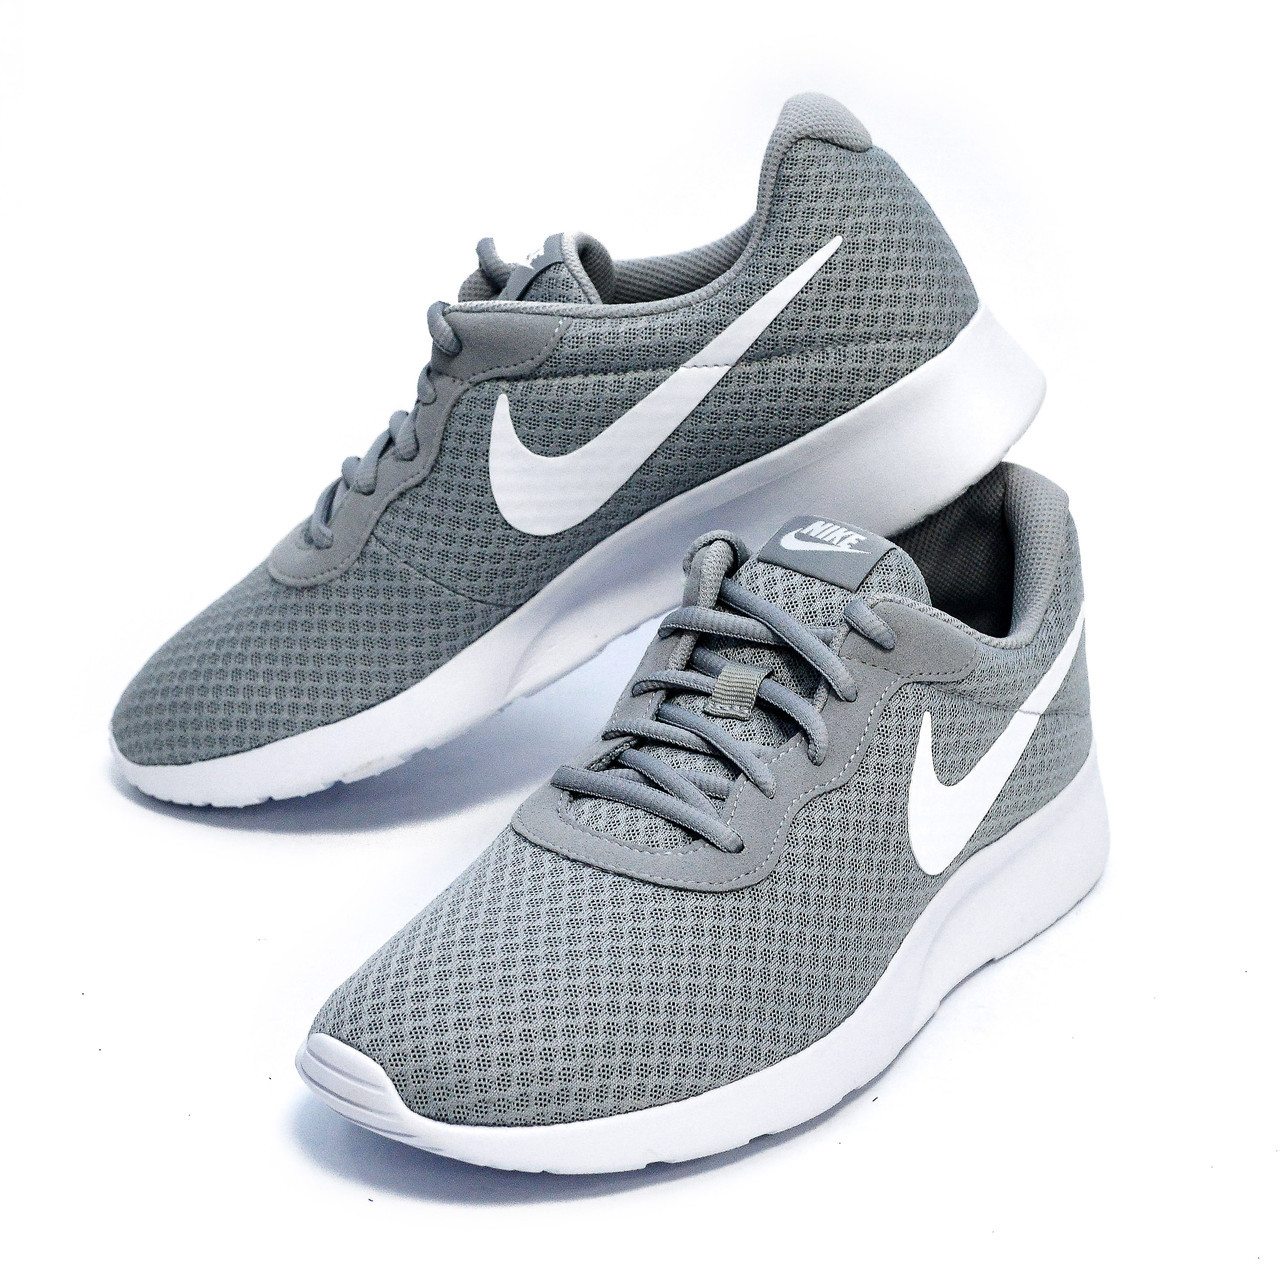 Оригинальные мужские кроссовки Nike Tanjun